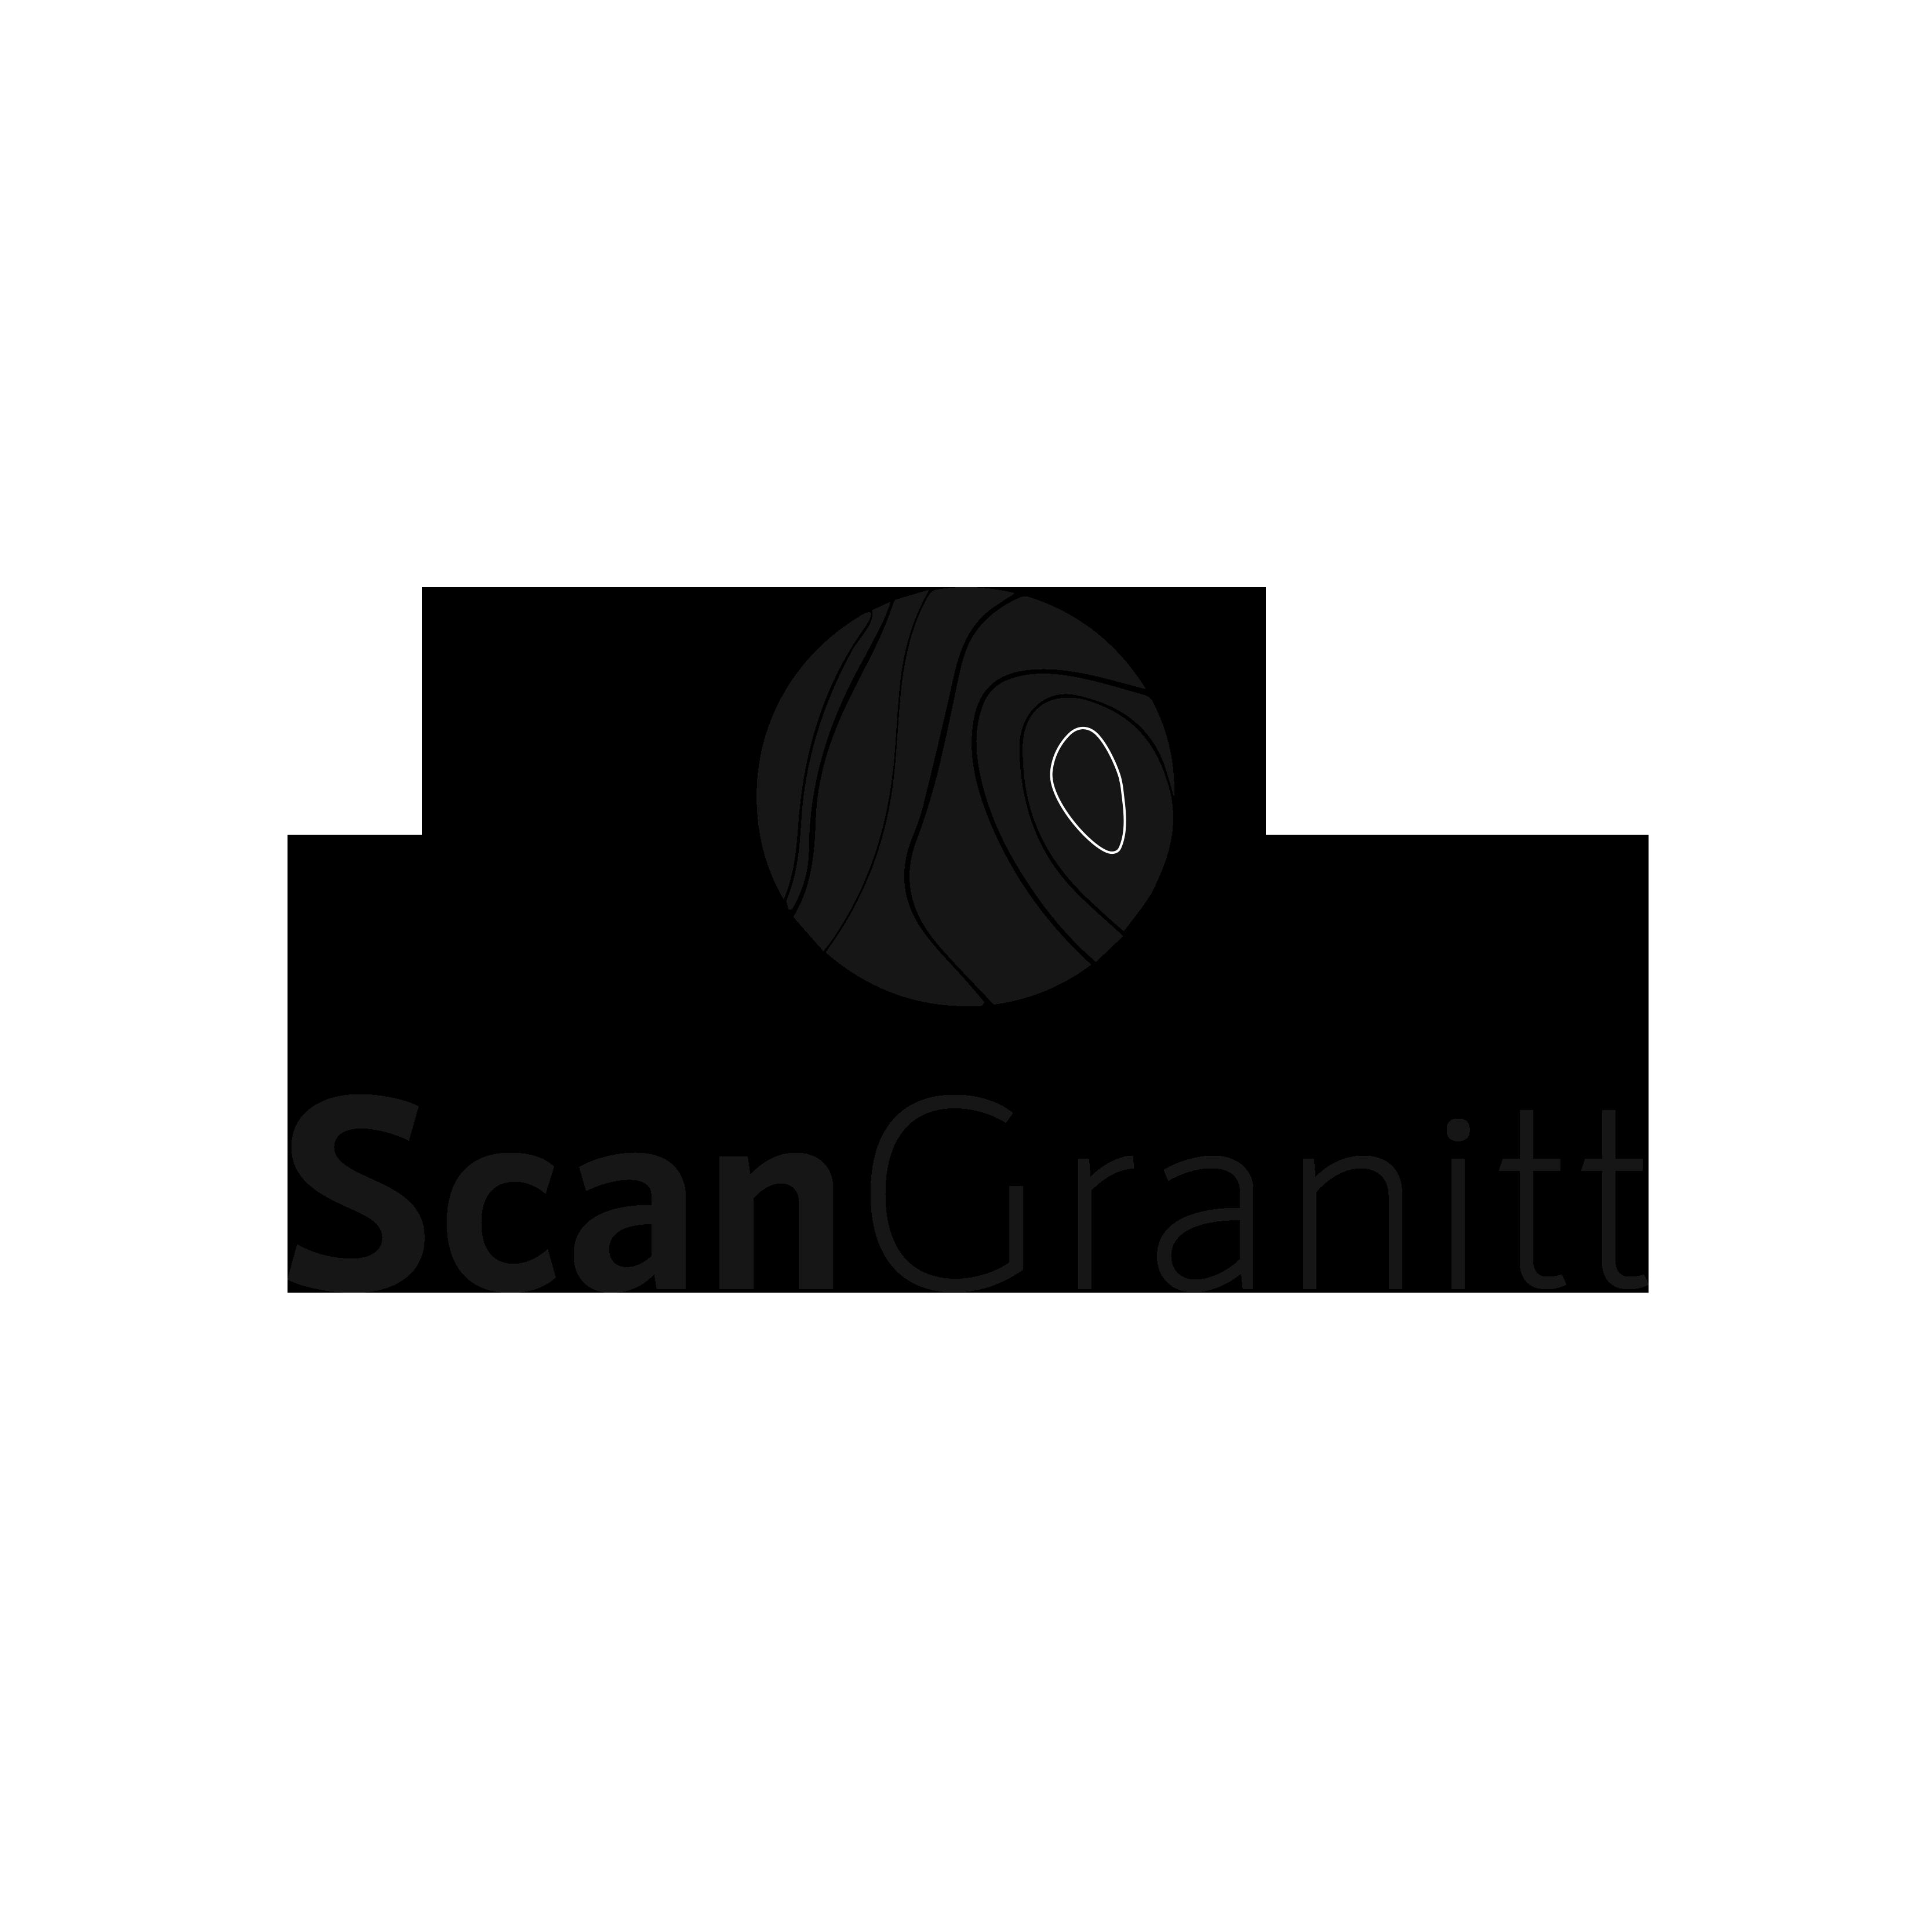 Scan Granitt